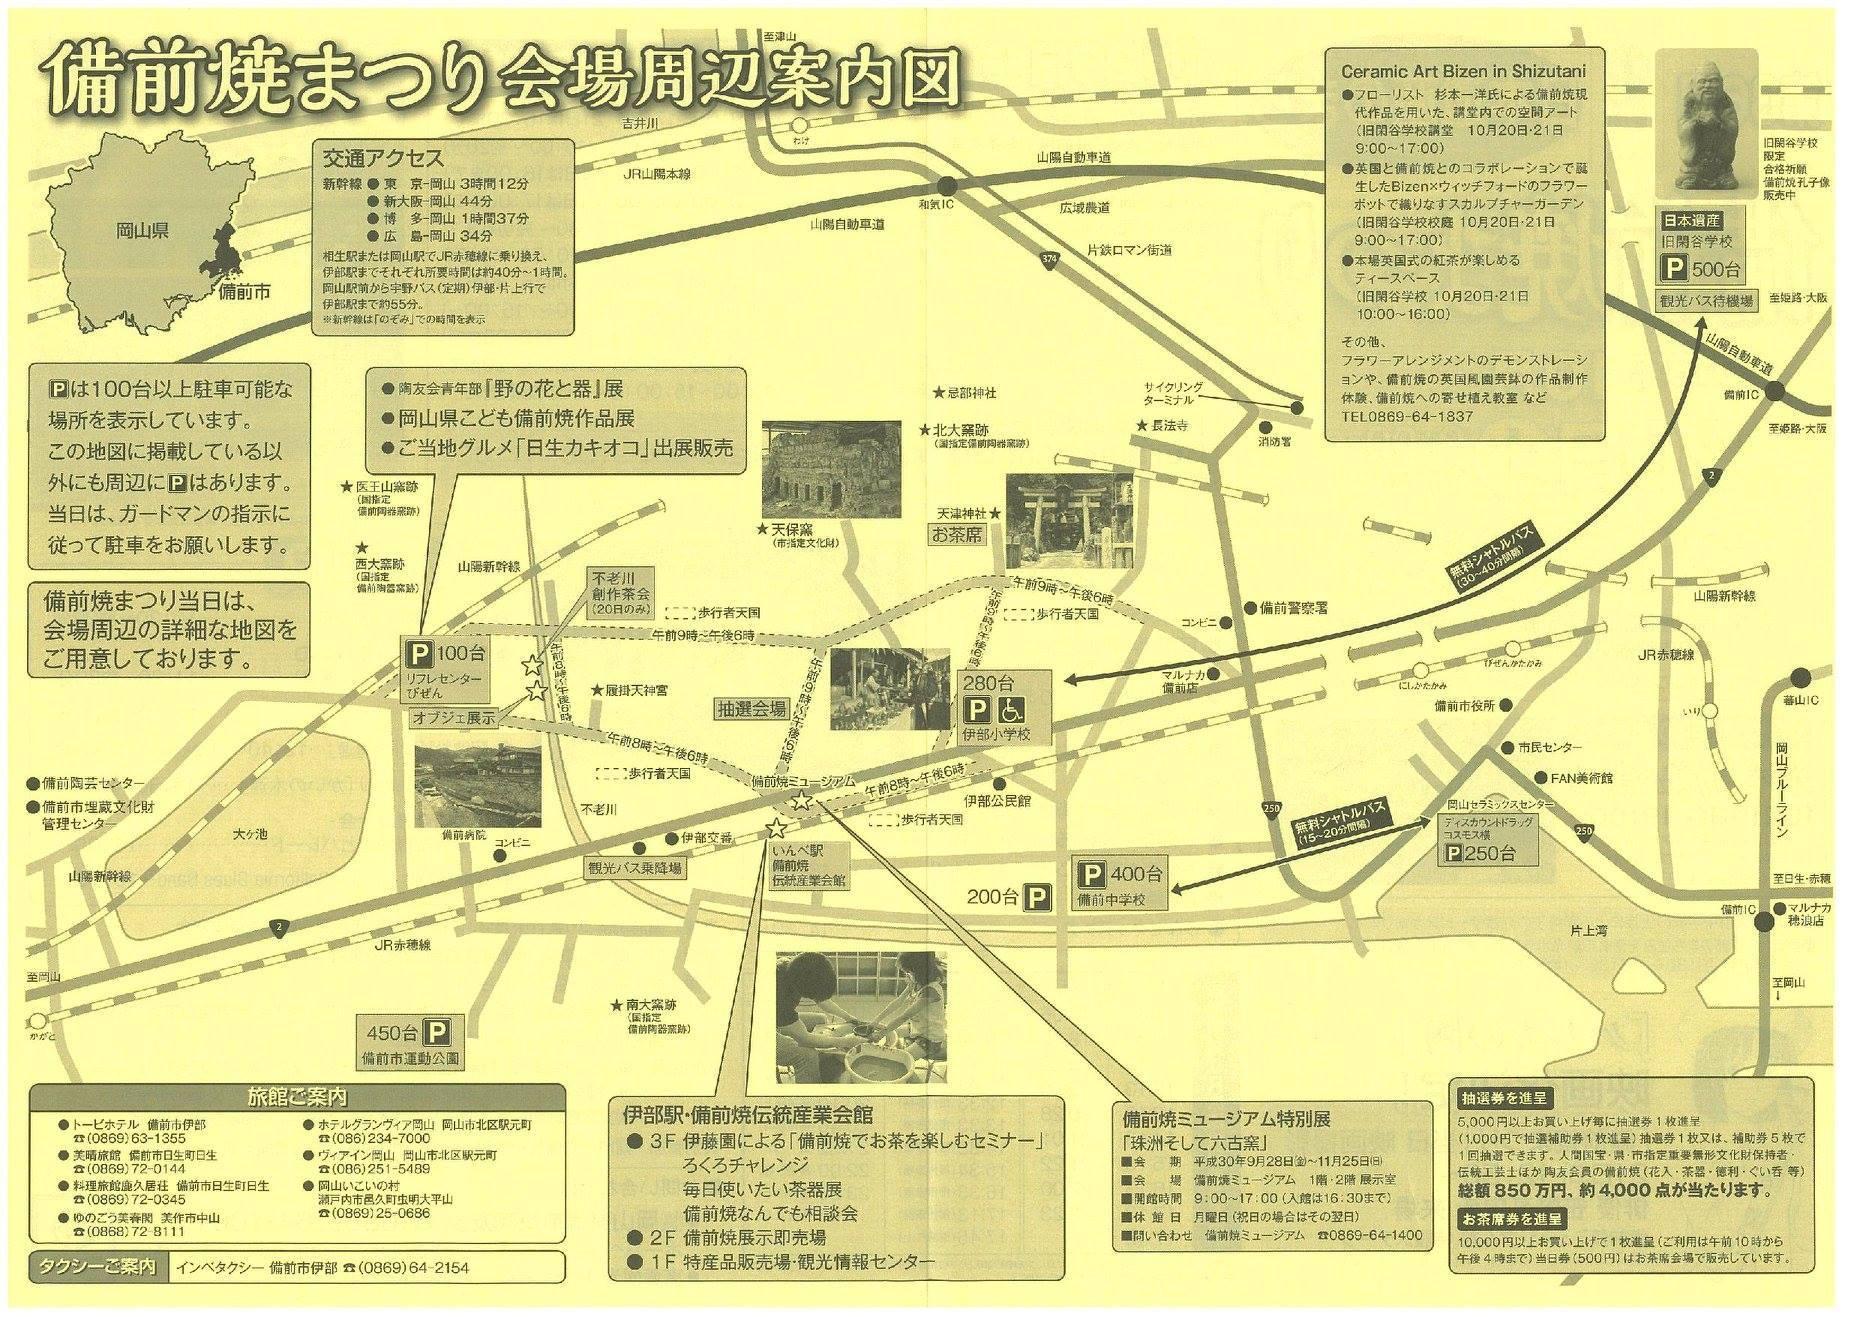 セラミックアート ビゼン イン 閑谷 情報_d0229351_20392287.jpg